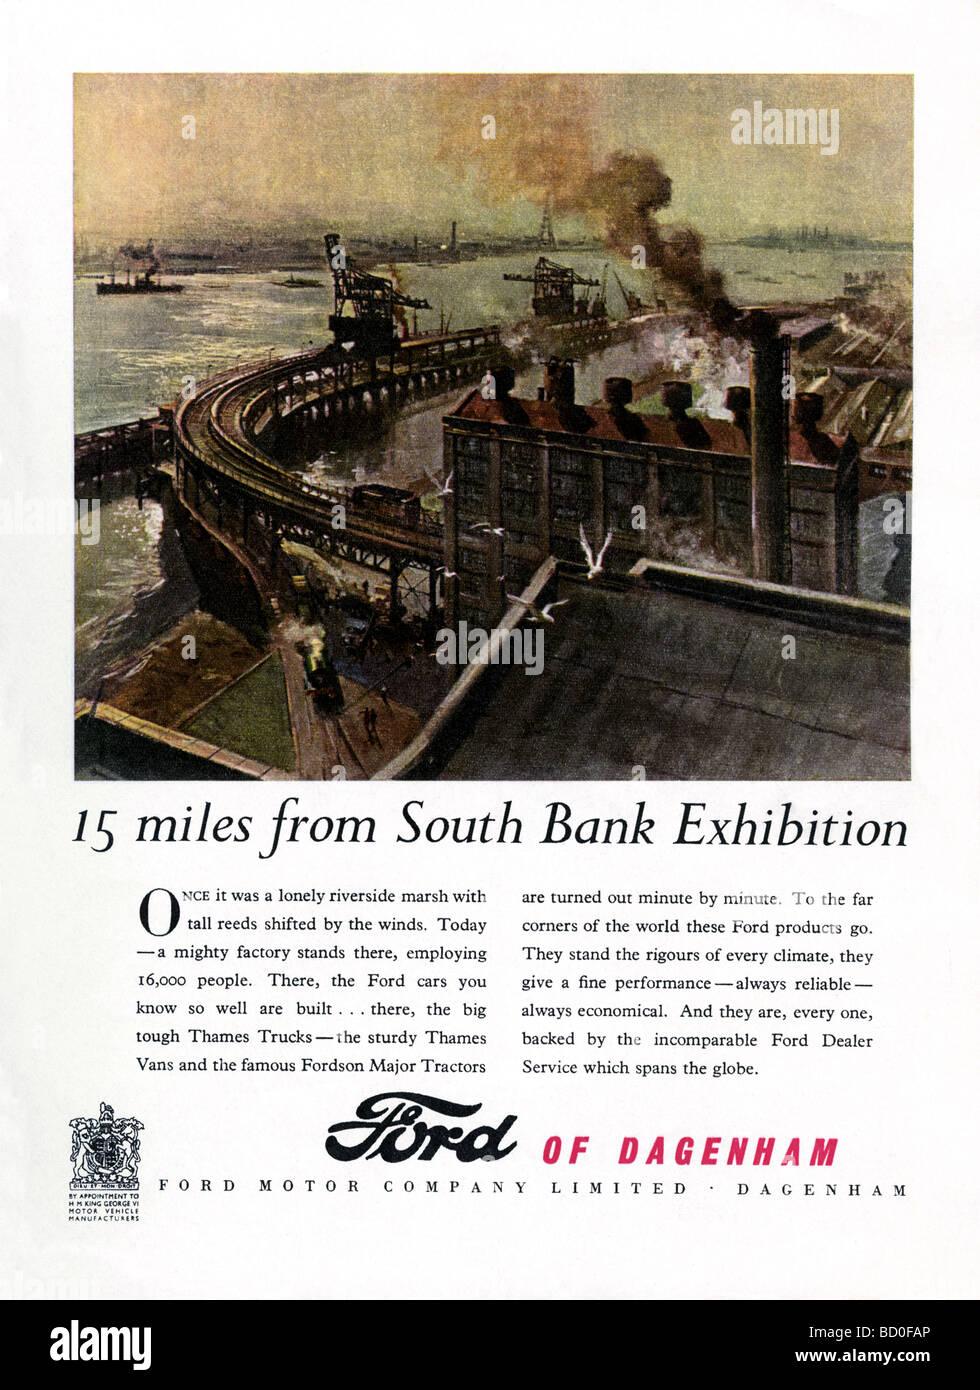 1951-Werbung für die Ford Motor Company, Dagenham mit einer Illustration von der Fabrik an der Themse Stockbild